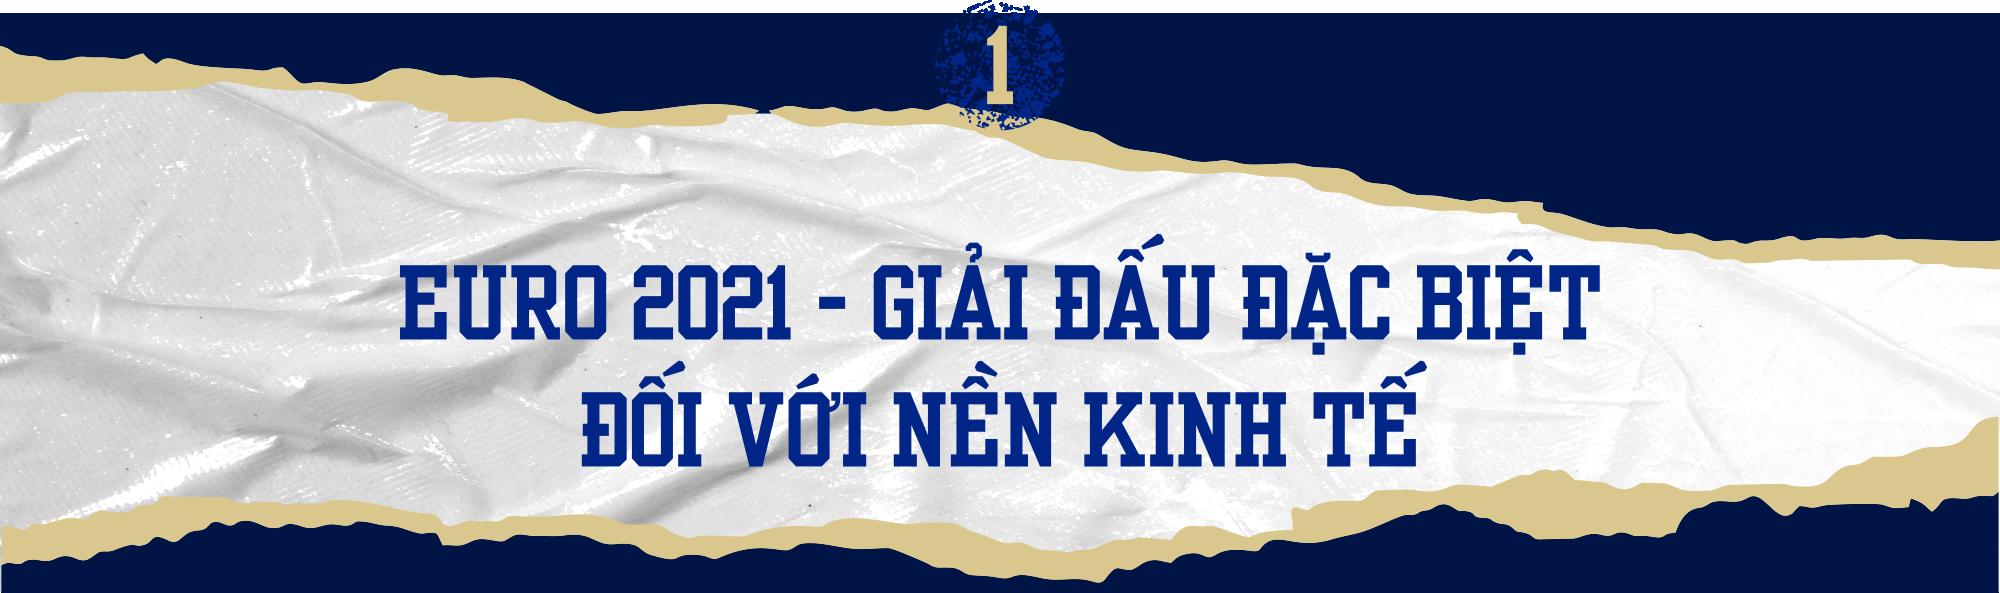 EURO 2020, COVID-19 và bản nhạc blue ảm đạm của các giải đấu thể thao - Ảnh 2.